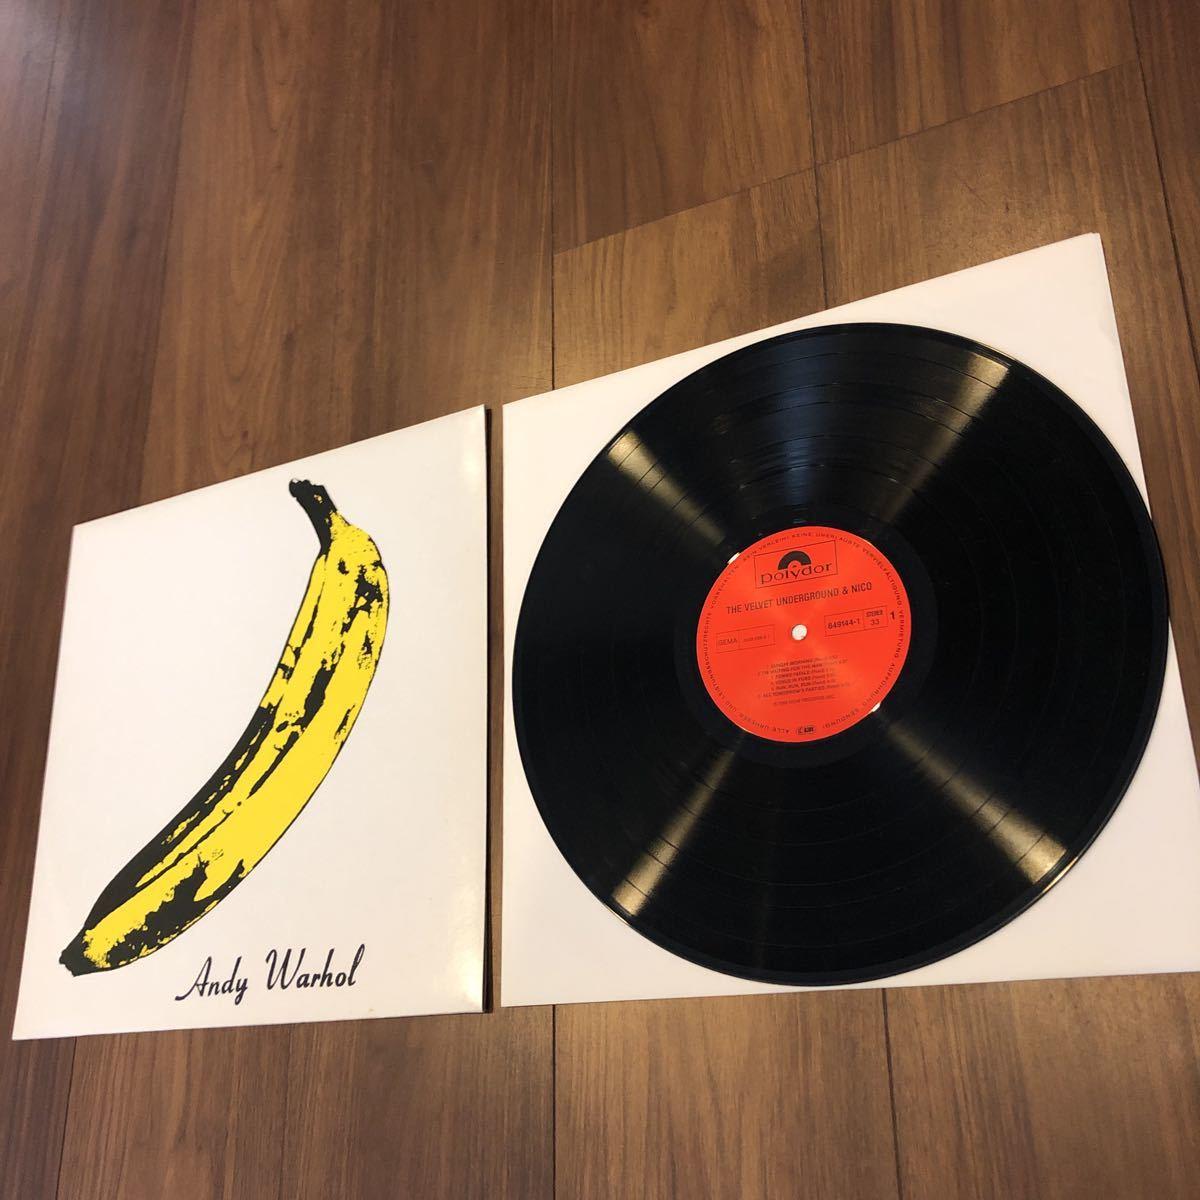 希少レコード!入手困難 VELVET UNDERGROUND & NICO ヴェルヴェット アンダーグラウンド アンド ニコ LP849 144-1 ドイツ盤 ルーリード_画像2